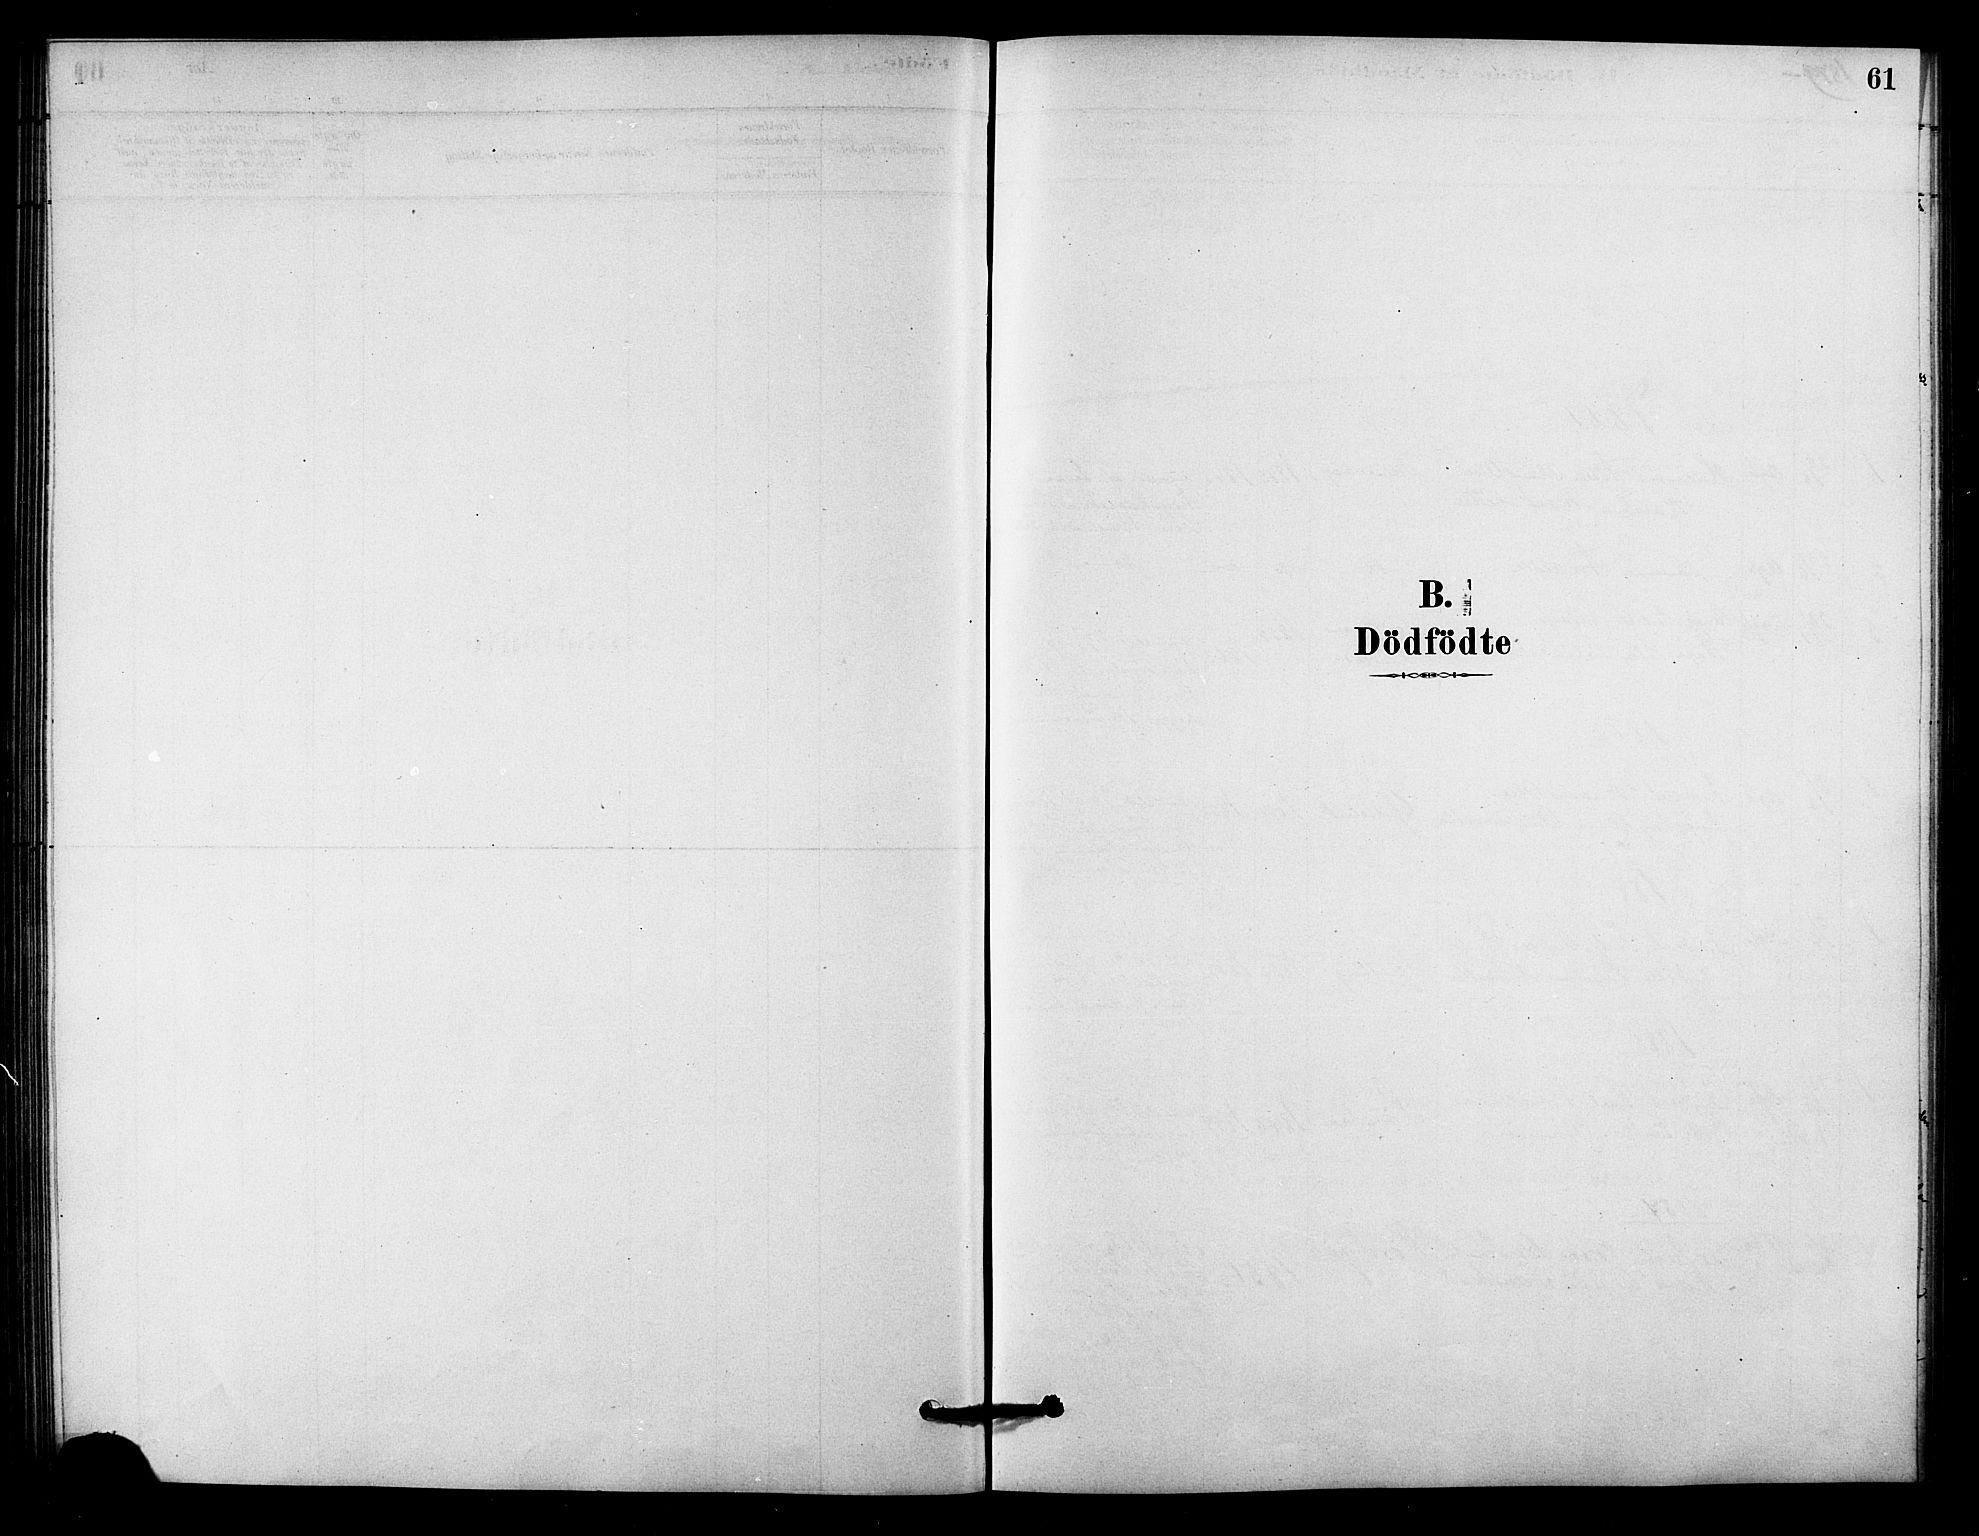 SAT, Ministerialprotokoller, klokkerbøker og fødselsregistre - Sør-Trøndelag, 656/L0692: Ministerialbok nr. 656A01, 1879-1893, s. 61